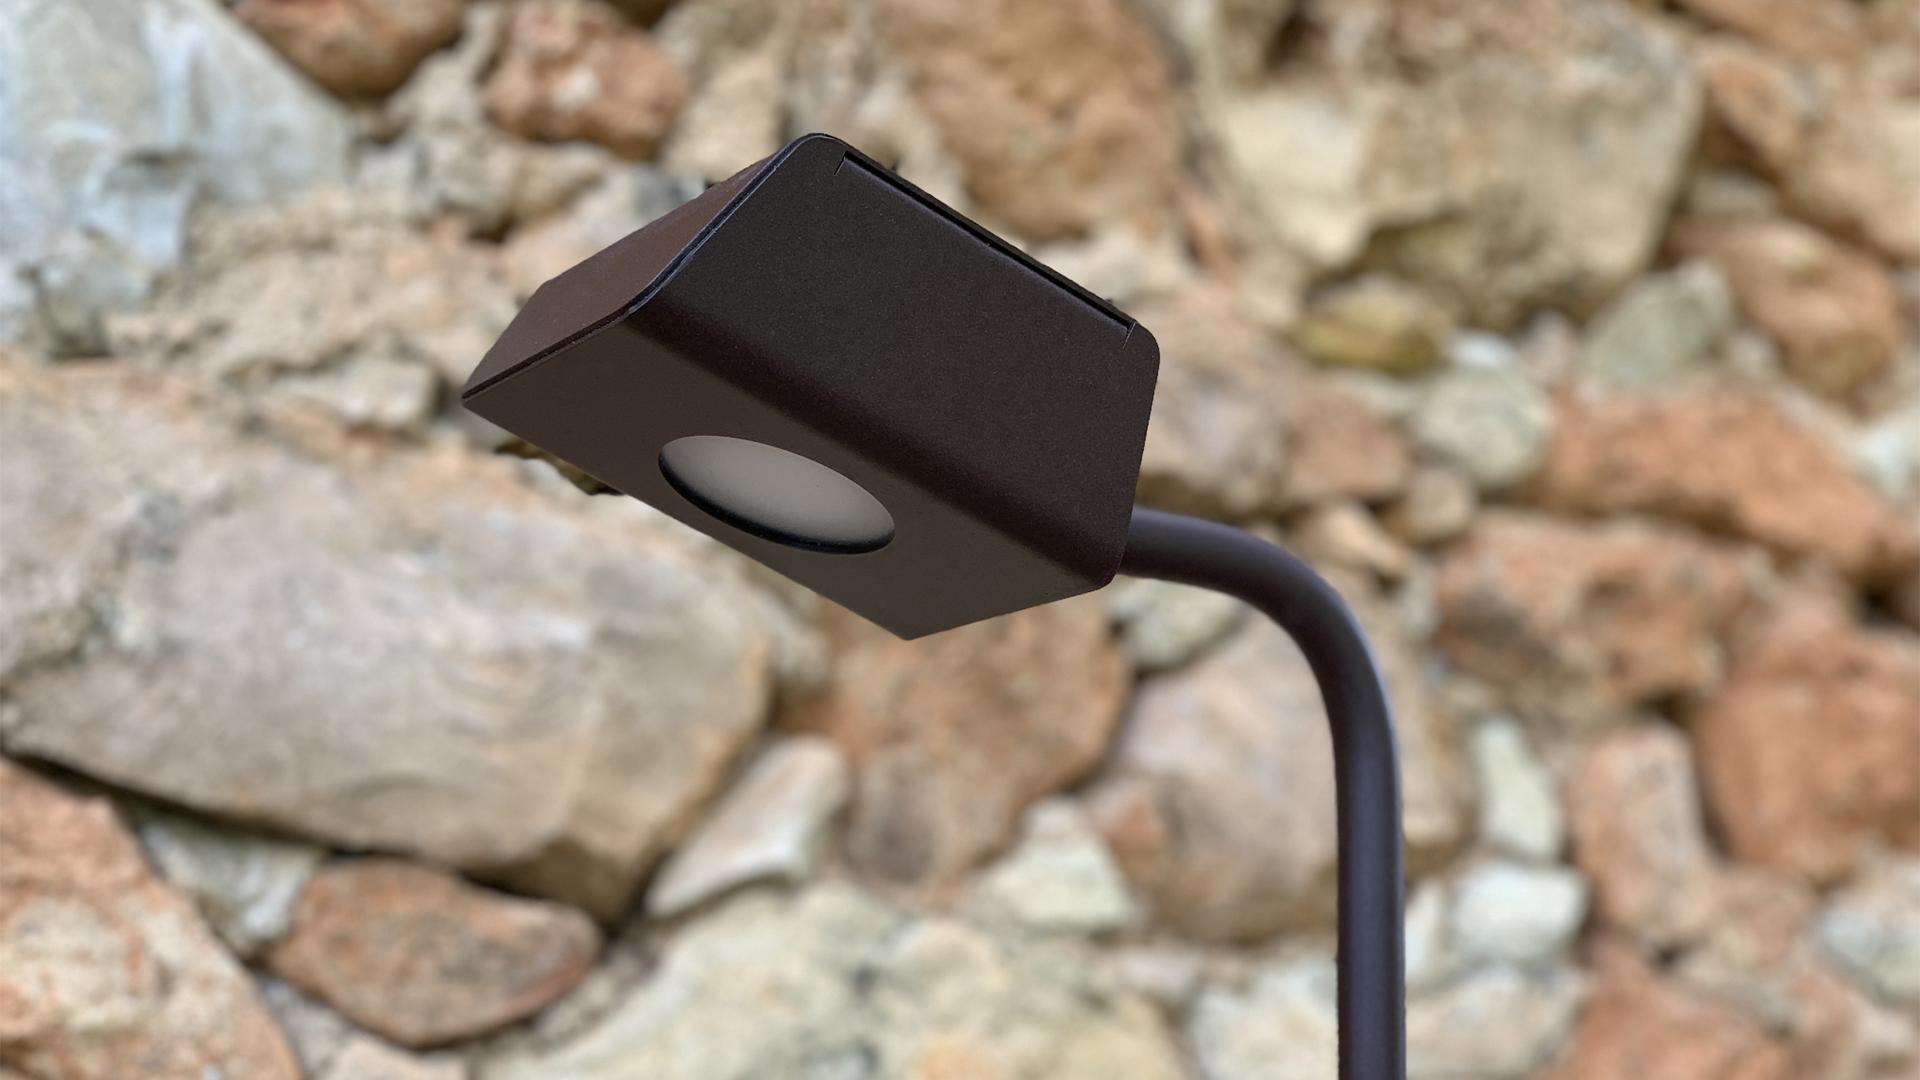 La borne extérieure KOKON LYX Luminaires fabriquée en acier inoxydable rouille Corten ou gris anthracite est équipée d'une source LED basse consommation performante. Cette borne extérieure LED fait partie avec les bornes extérieures solaires LYX Luminaires de la vaste collection de balises extérieures LYX Luminaires. La borne extérieure KOKON est idéale pour l'éclairage d'allée, l'éclairage de jardins, le balisage de chemins. Cette lampe d'extérieur design offre un condensé de lumière pour un éclairage moderne. / Lampe extérieure jardin pour un éclairage extérieur design. Version lampe solaire jardin ou lampe jardin LED. Cette lampe de jardin ou lampe terrasse est une lampe de jardin avec détecteur. Fabriquée en acier, la lampe jardin détecteur permet un éclairage solaire ou un éclairage LED puissant selon le modèle choisi. Découvrez la collection de luminaires extérieurs constituée de lampes solaires et lampes LED. Vaste collection d'appliques extérieures / appliques murales : applique murale extérieure solaire, applique murale LED, applique extérieure design. Les appliques extérieures murales sont de fabrication française. Lampe solaire idéale pour l'éclairage de terrasses, de jardin. Lampe solaire terrasse, lampe extérieure terrasse permettant un éclairage performant. La lampe extérieure est équipée d'un détecteur de présence. Le luminaire extérieur doté d'un détecteur de mouvement, éclaire au passage d'une personne d'une voiture. Lampe extérieure détecteur puissante et efficace, au design épuré et moderne.